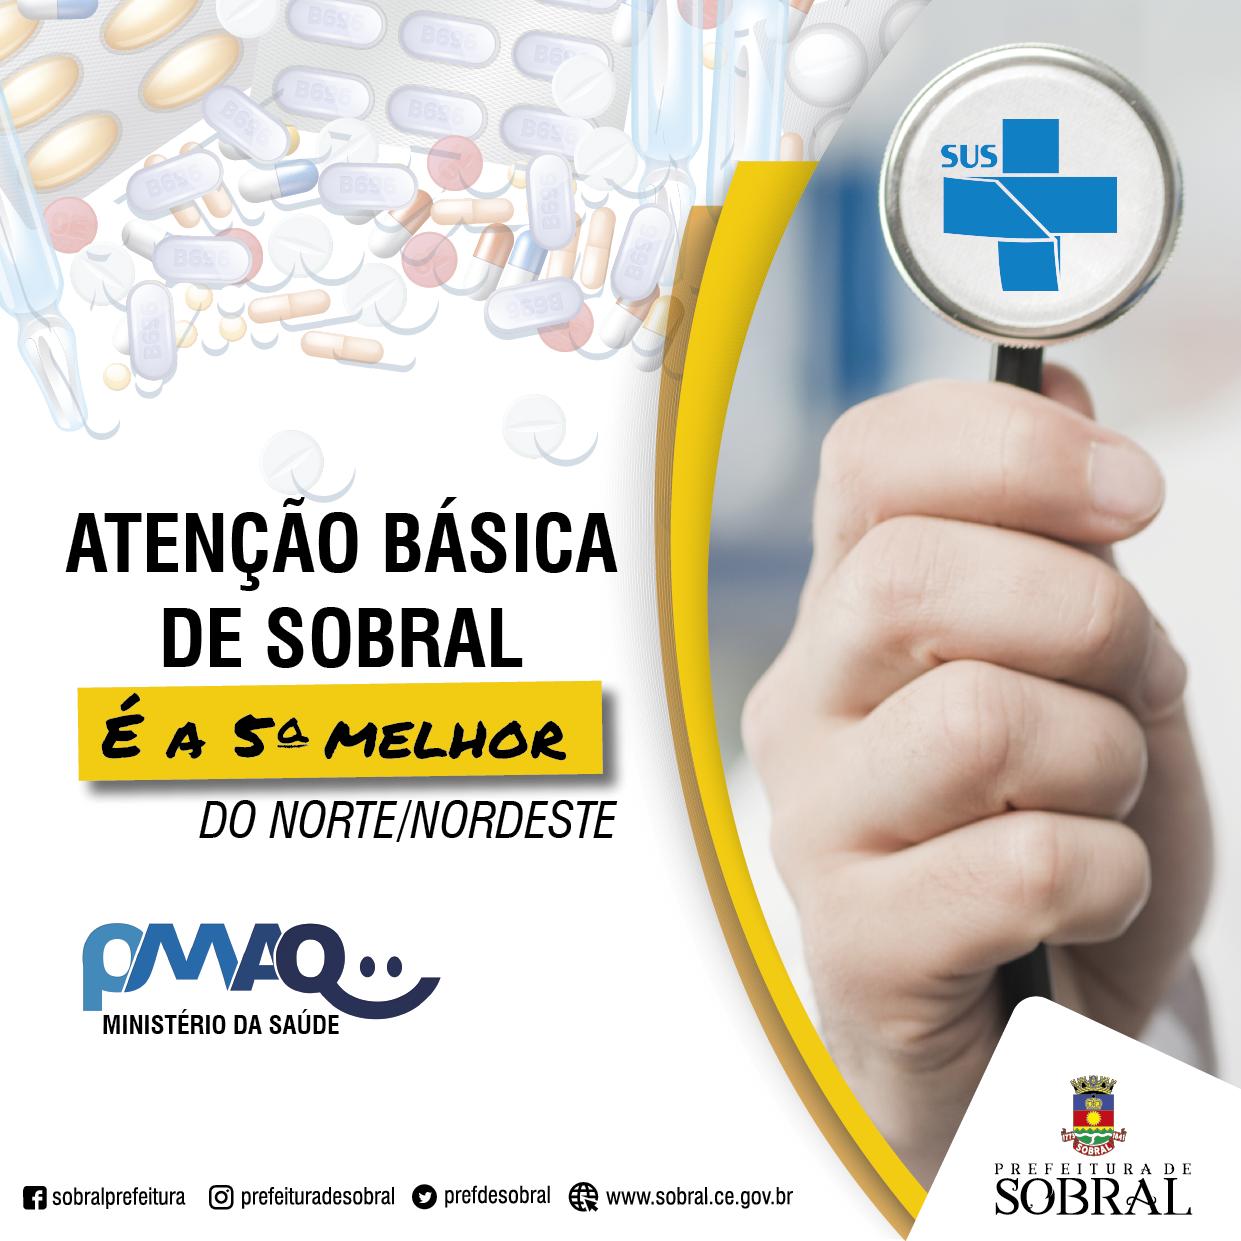 ATENÇÃO BÁSICA DE SOBRAL